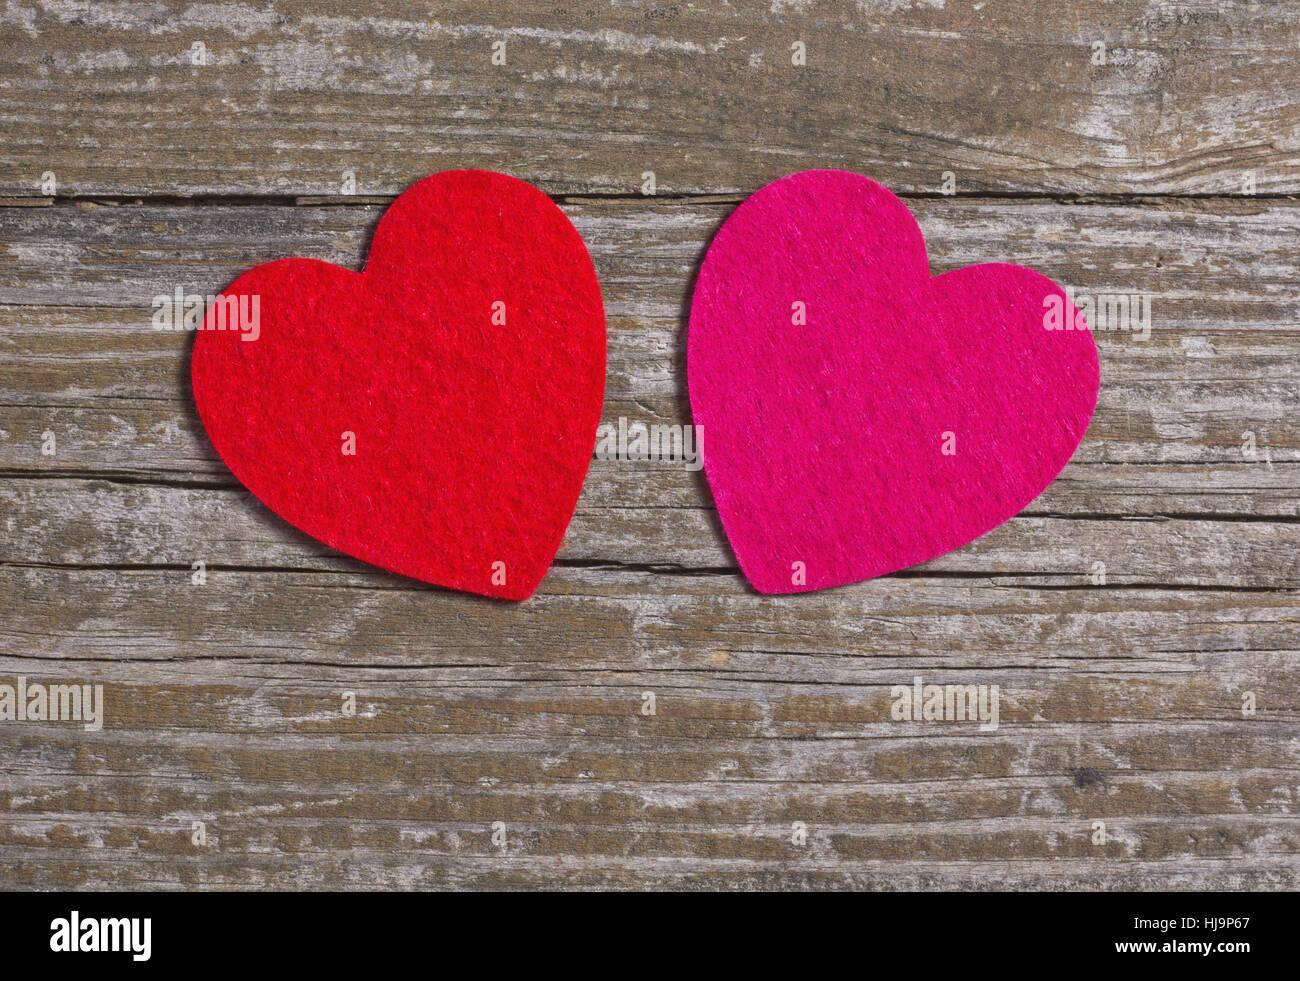 Holz Muttertag Valentinstag Herzen Hintergrunde Liebe Verliebt